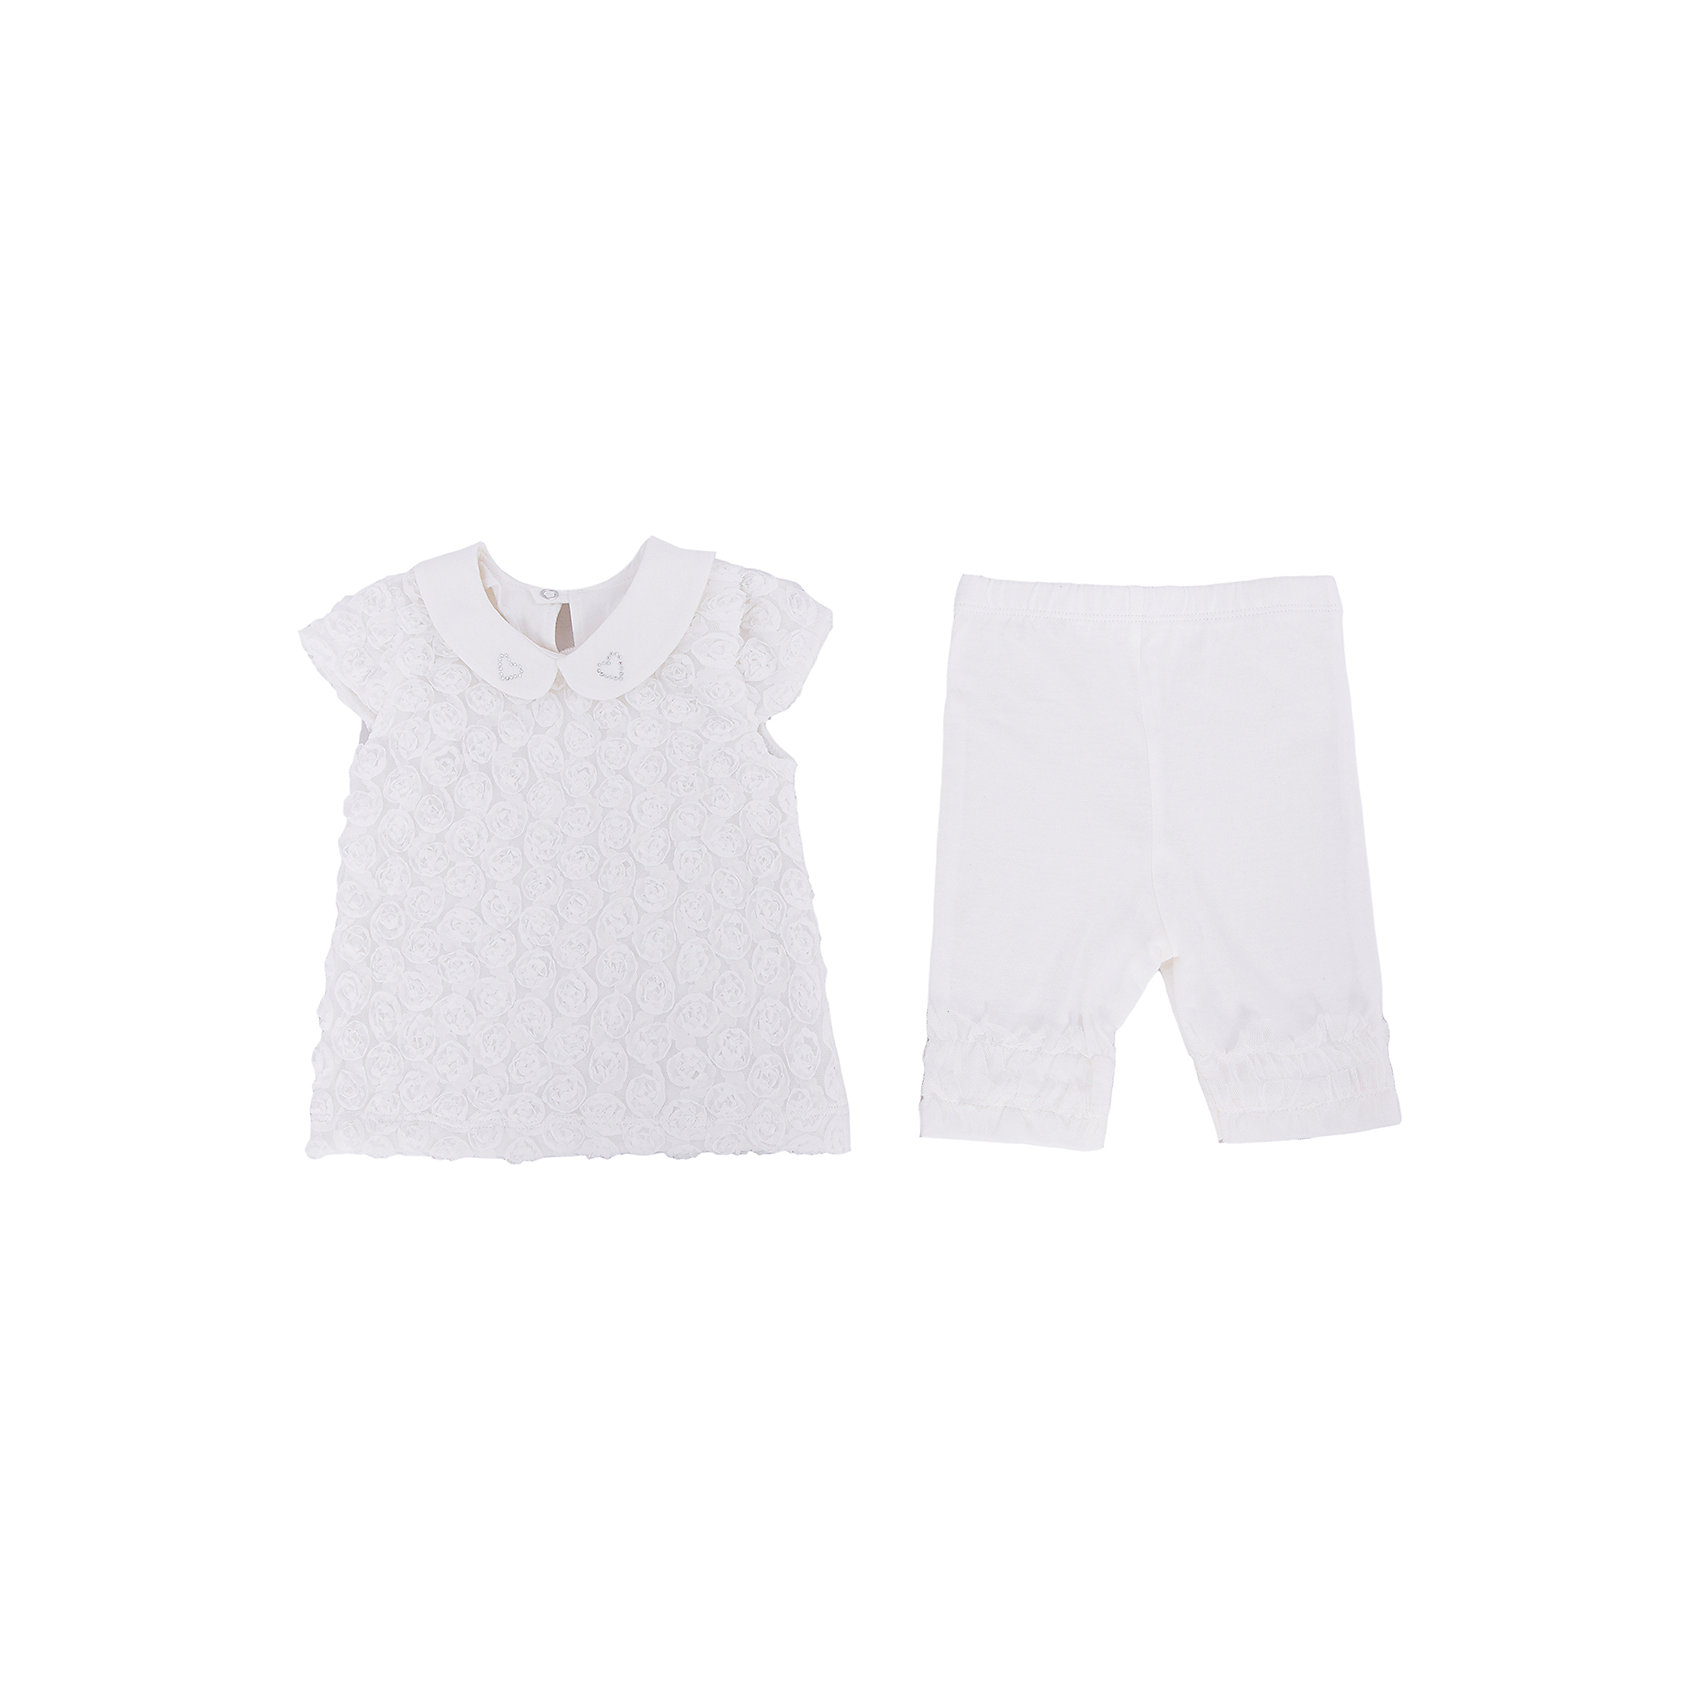 Комплект: футболка и бриджи для девочки Soni KidsКомплект: футболка и бриджи для девочки от популярной марки Soni Kids <br> <br>Нарядный комплект состоит из футболки и бриджей очень красивого оттенка слоновой кости сшита из мягкого дышащего хлопка. Это гипоаллергенный материал, который отлично подходит для детской одежды. Правильный крой обеспечит ребенку удобство, не будет натирать и стеснять движения. <br> <br>Особенности модели: <br> <br>- цвет - белый; <br>- материал - натуральный хлопок; <br>- модель декорирована стразами; <br>- отделка текстильными цветами; <br>- крылья на рукавах; <br>- отложной воротник; <br>- застежки - кнопки на спине. <br>- пояс - мягкая широкая резинка. <br> <br>Дополнительная информация: <br> <br>Состав: 100% хлопок <br> <br>Комплект: футболка и бриджи для девочки от популярной марки Soni Kids (Сони Кидс) можно купить в нашем магазине.<br><br>Ширина мм: 157<br>Глубина мм: 13<br>Высота мм: 119<br>Вес г: 200<br>Цвет: белый<br>Возраст от месяцев: 12<br>Возраст до месяцев: 15<br>Пол: Женский<br>Возраст: Детский<br>Размер: 80,92,86,74<br>SKU: 4545004